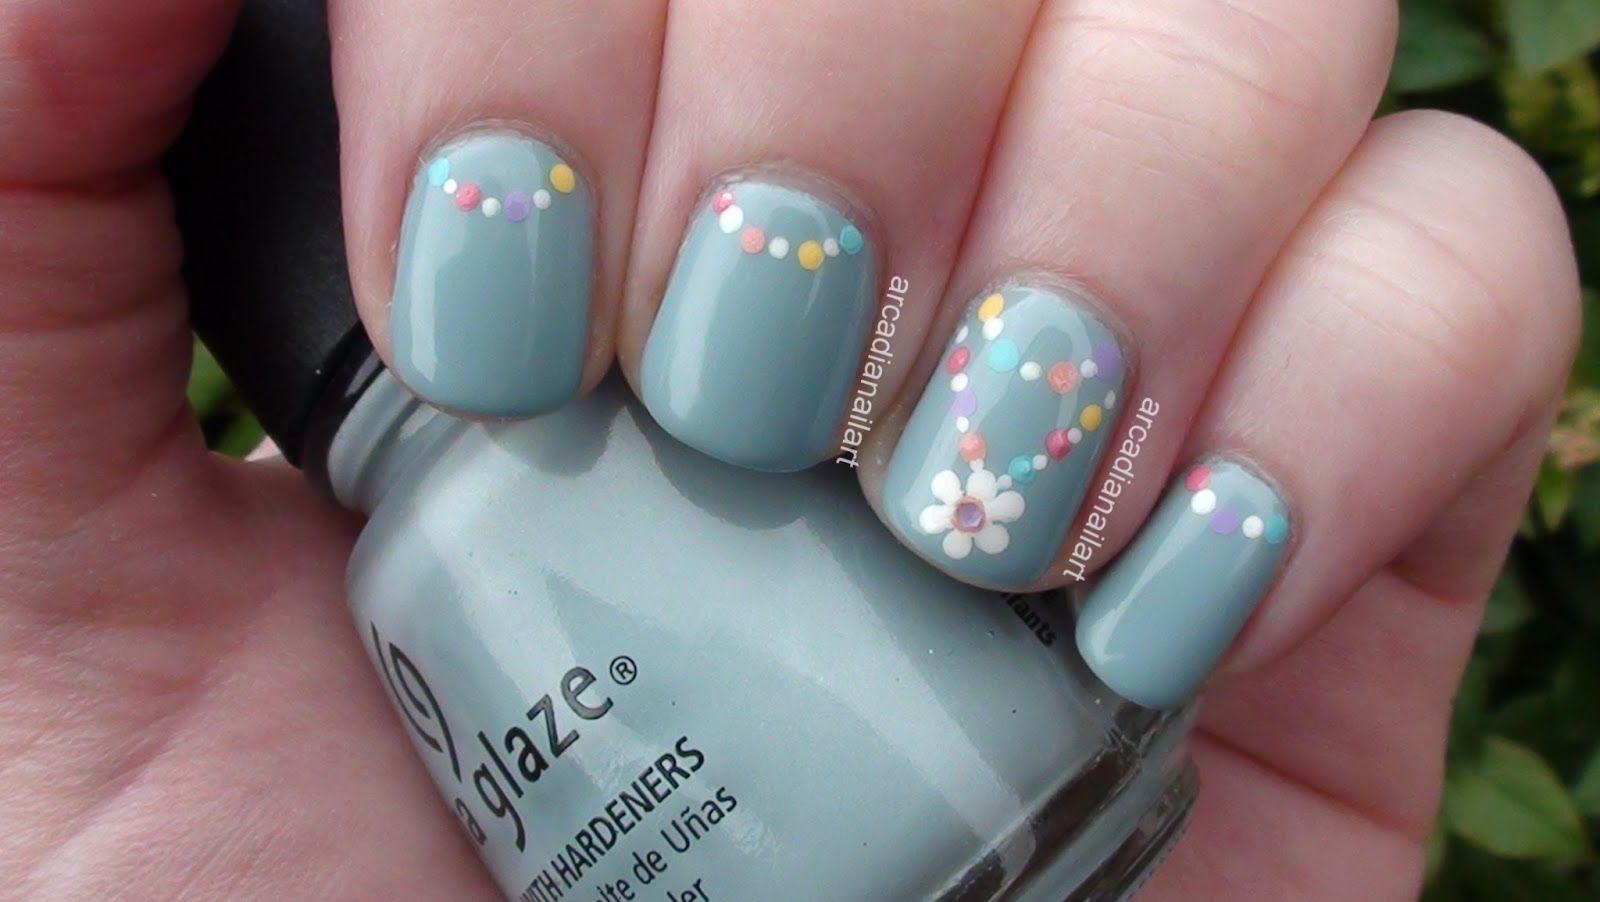 Cute Flower Nail Art Designs | Pinterest | Painted nail art, Flower ...